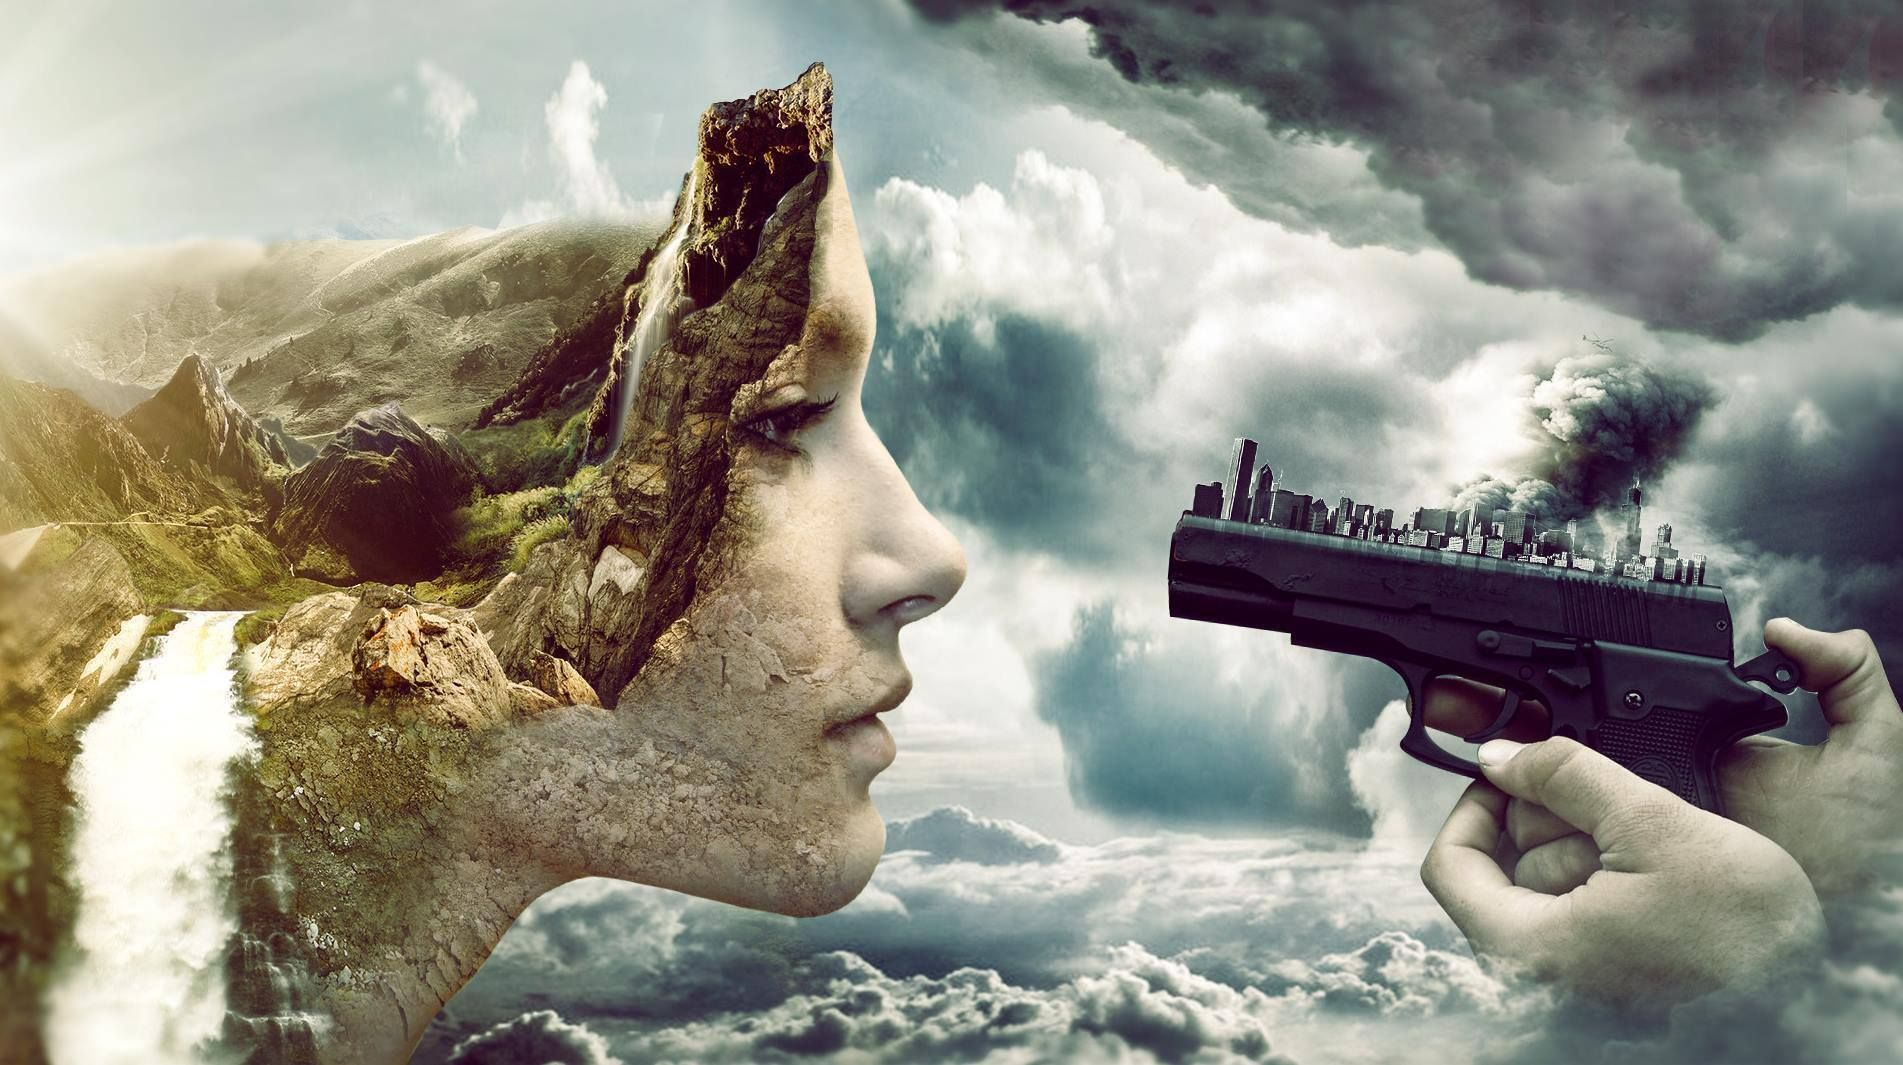 Картинки уничтожение человечества